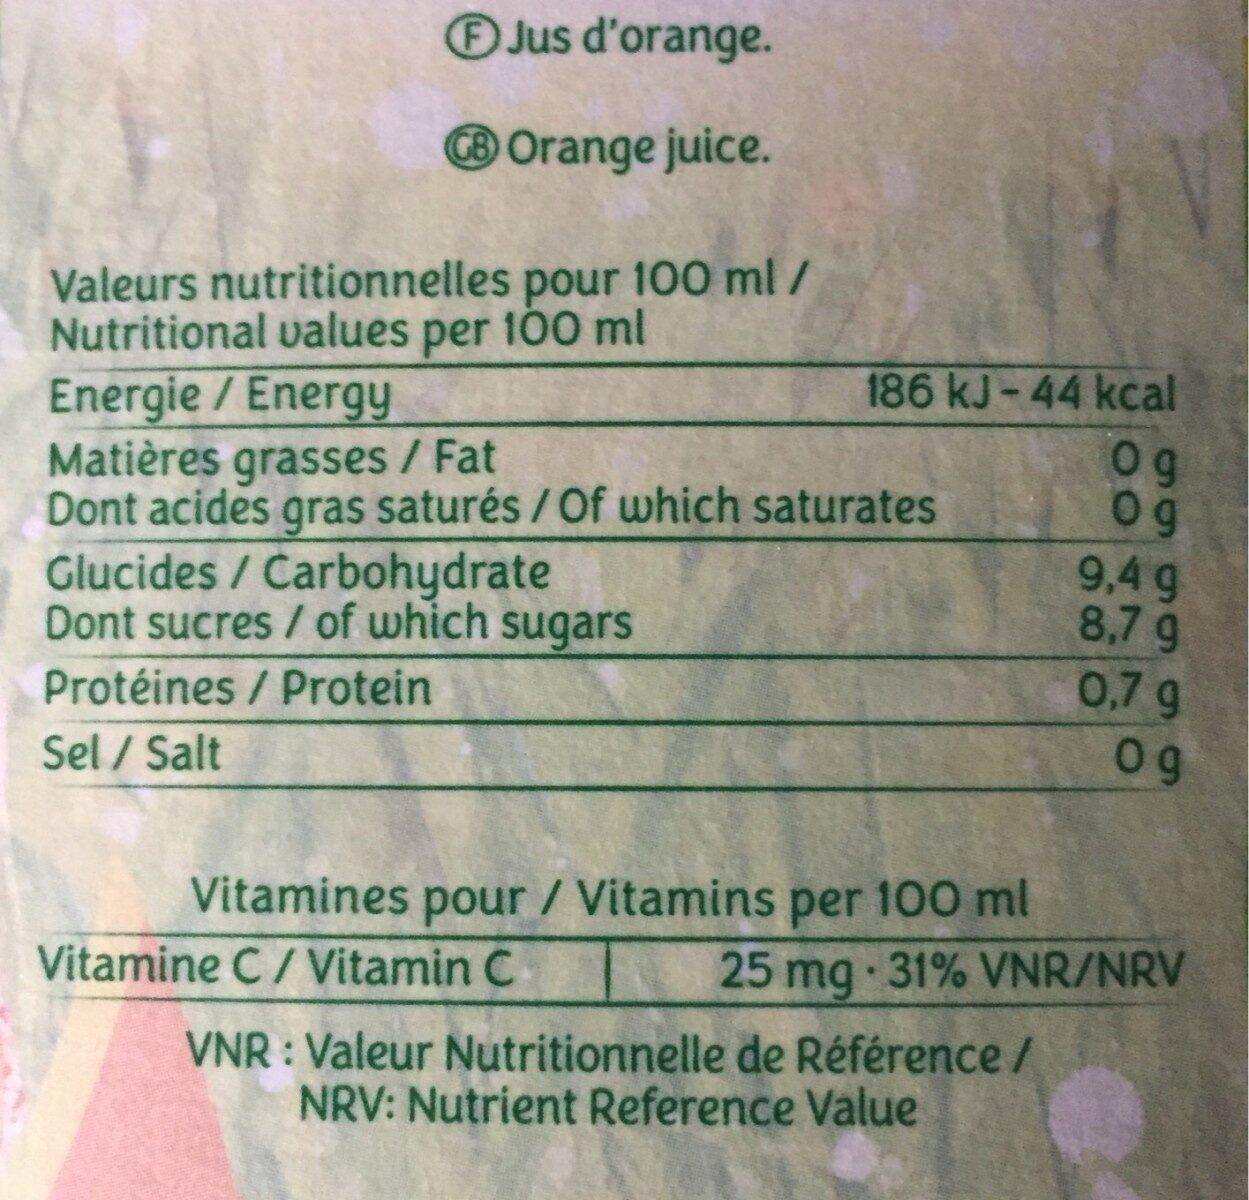 PUR JUS Orange sans pulpe - Voedingswaarden - fr